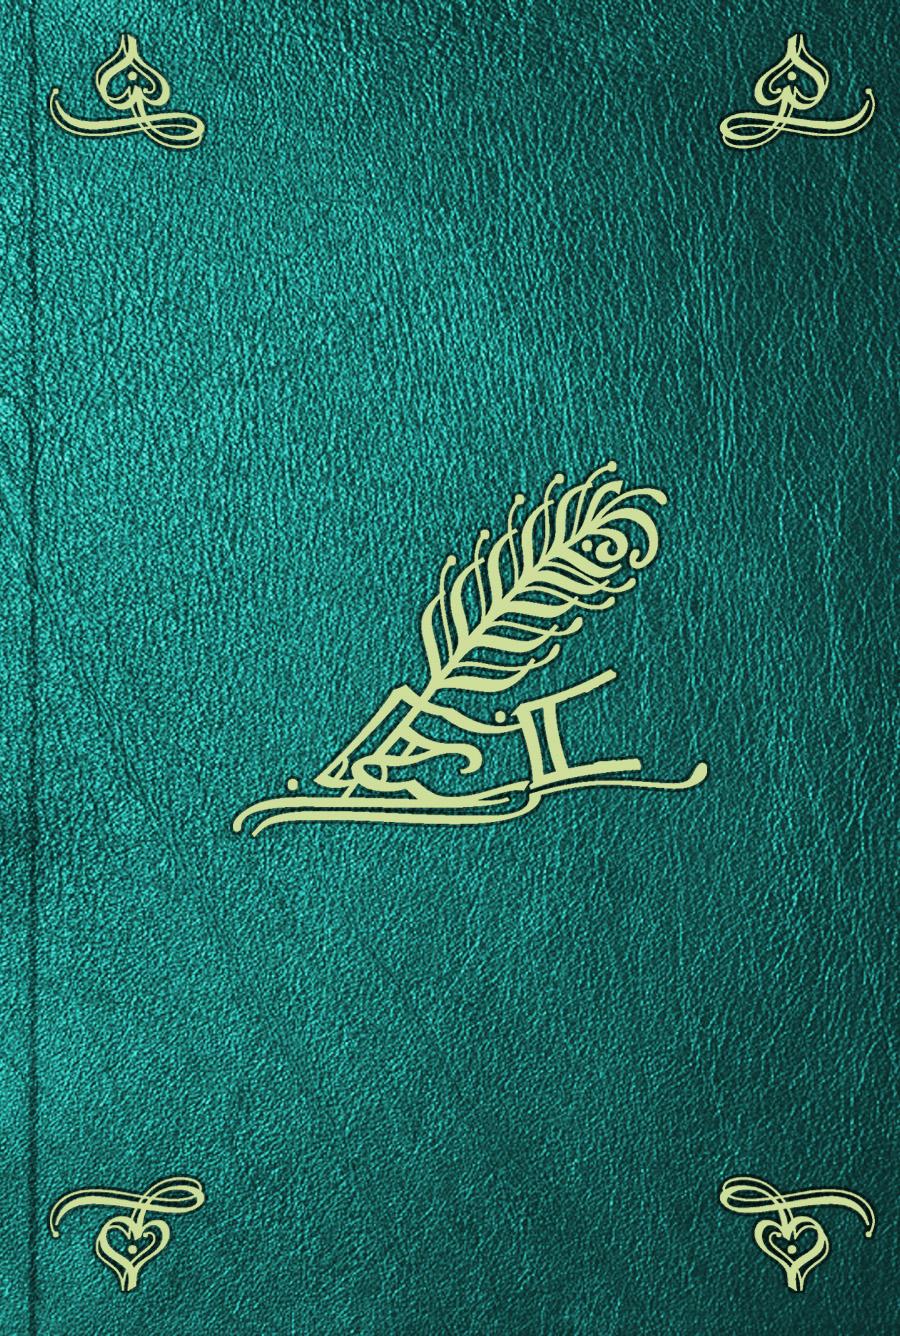 Comte de Buffon Georges Louis Leclerc Histoire naturelle. T. 11. Oiseaux comte de buffon georges louis leclerc histoire naturelle t 6 oiseaux